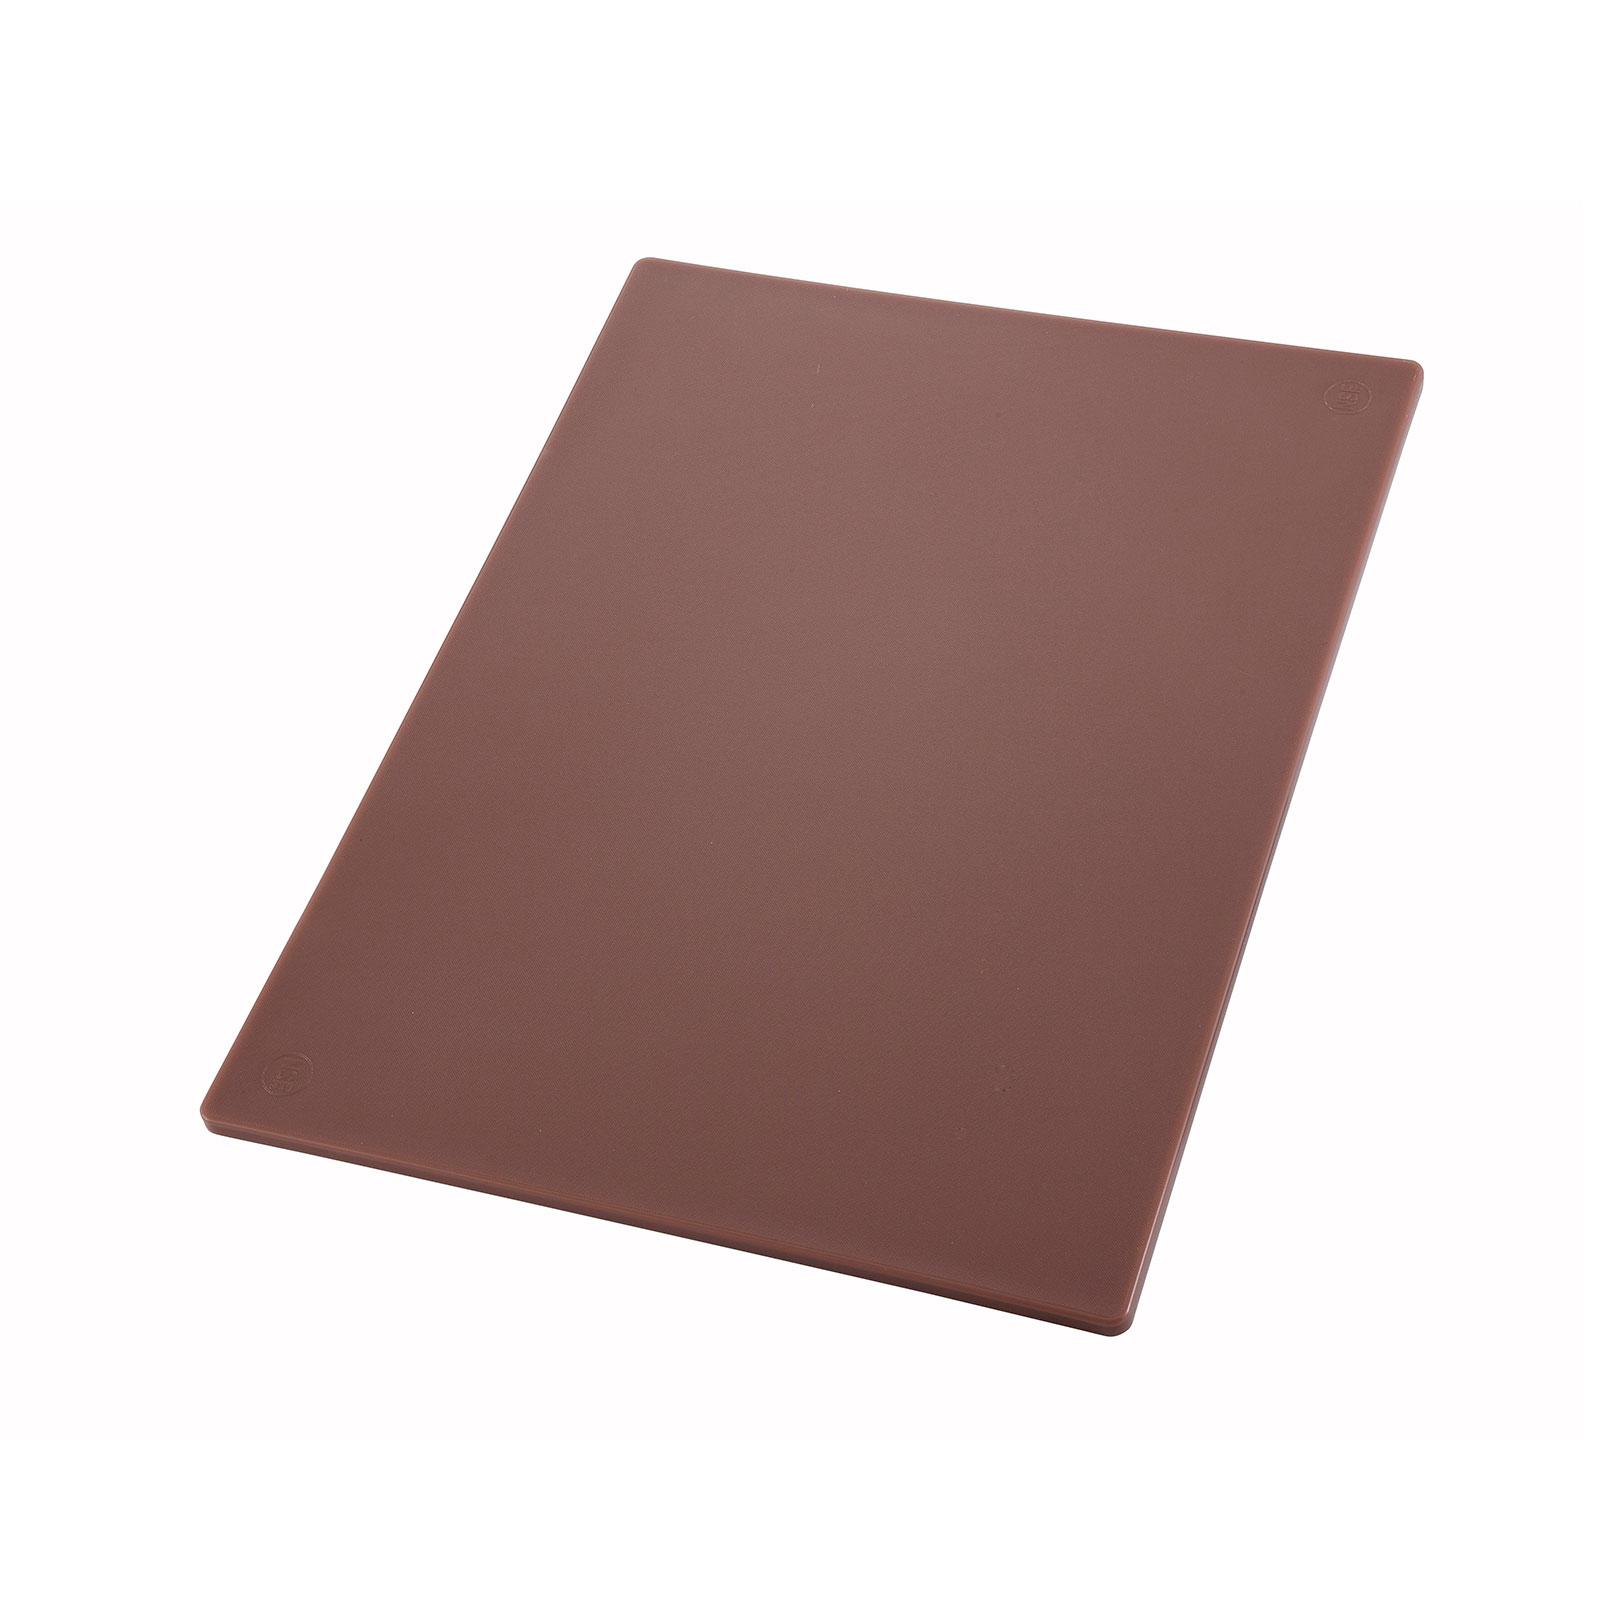 Winco CBBN-1520 cutting board, plastic